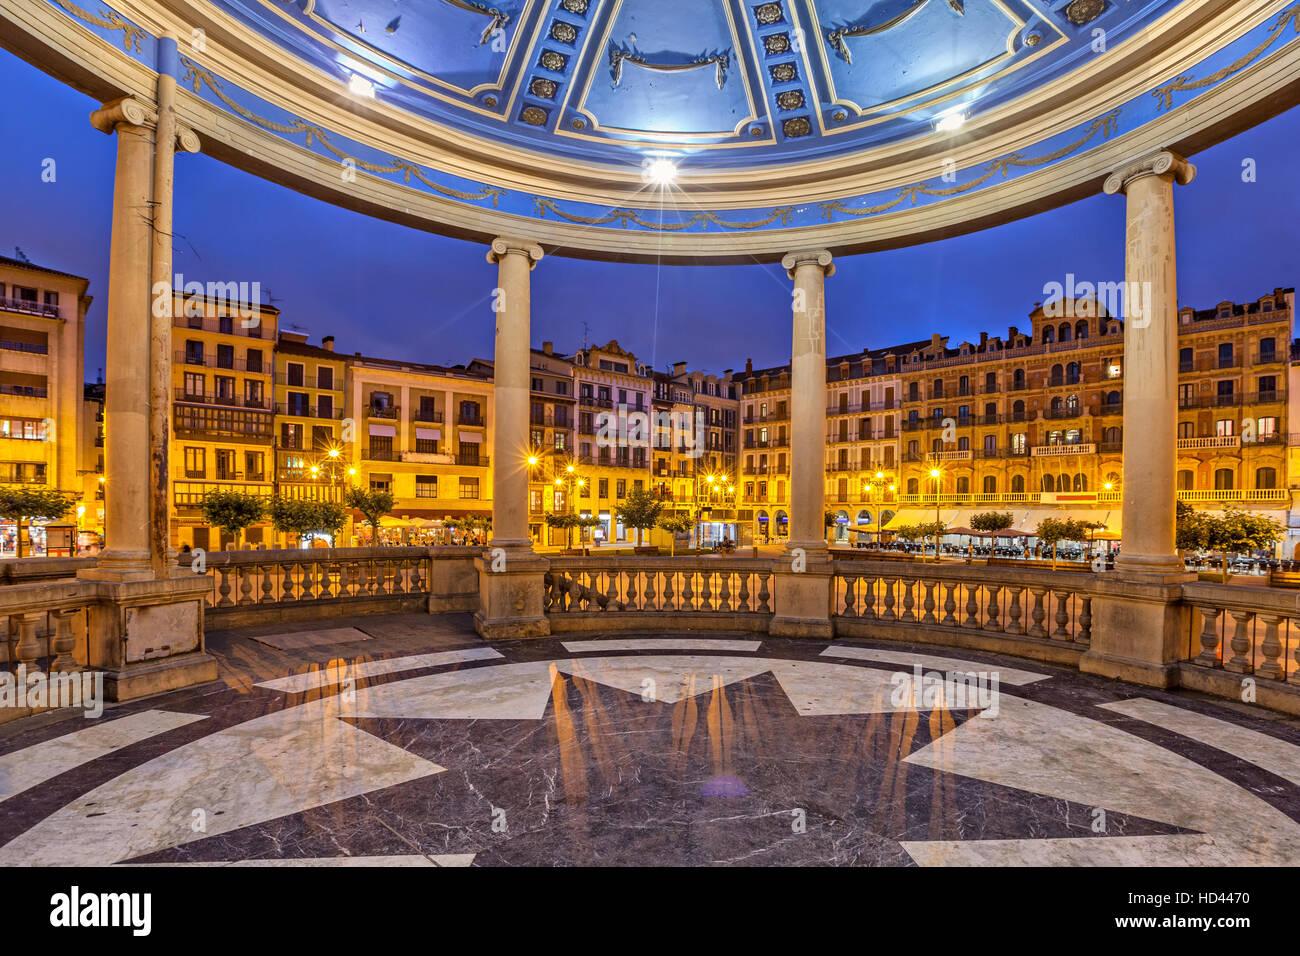 Vista desde el quiosco de la Plaza del Castillo, plaza en la noche, Pamplona, Navarra, España Imagen De Stock